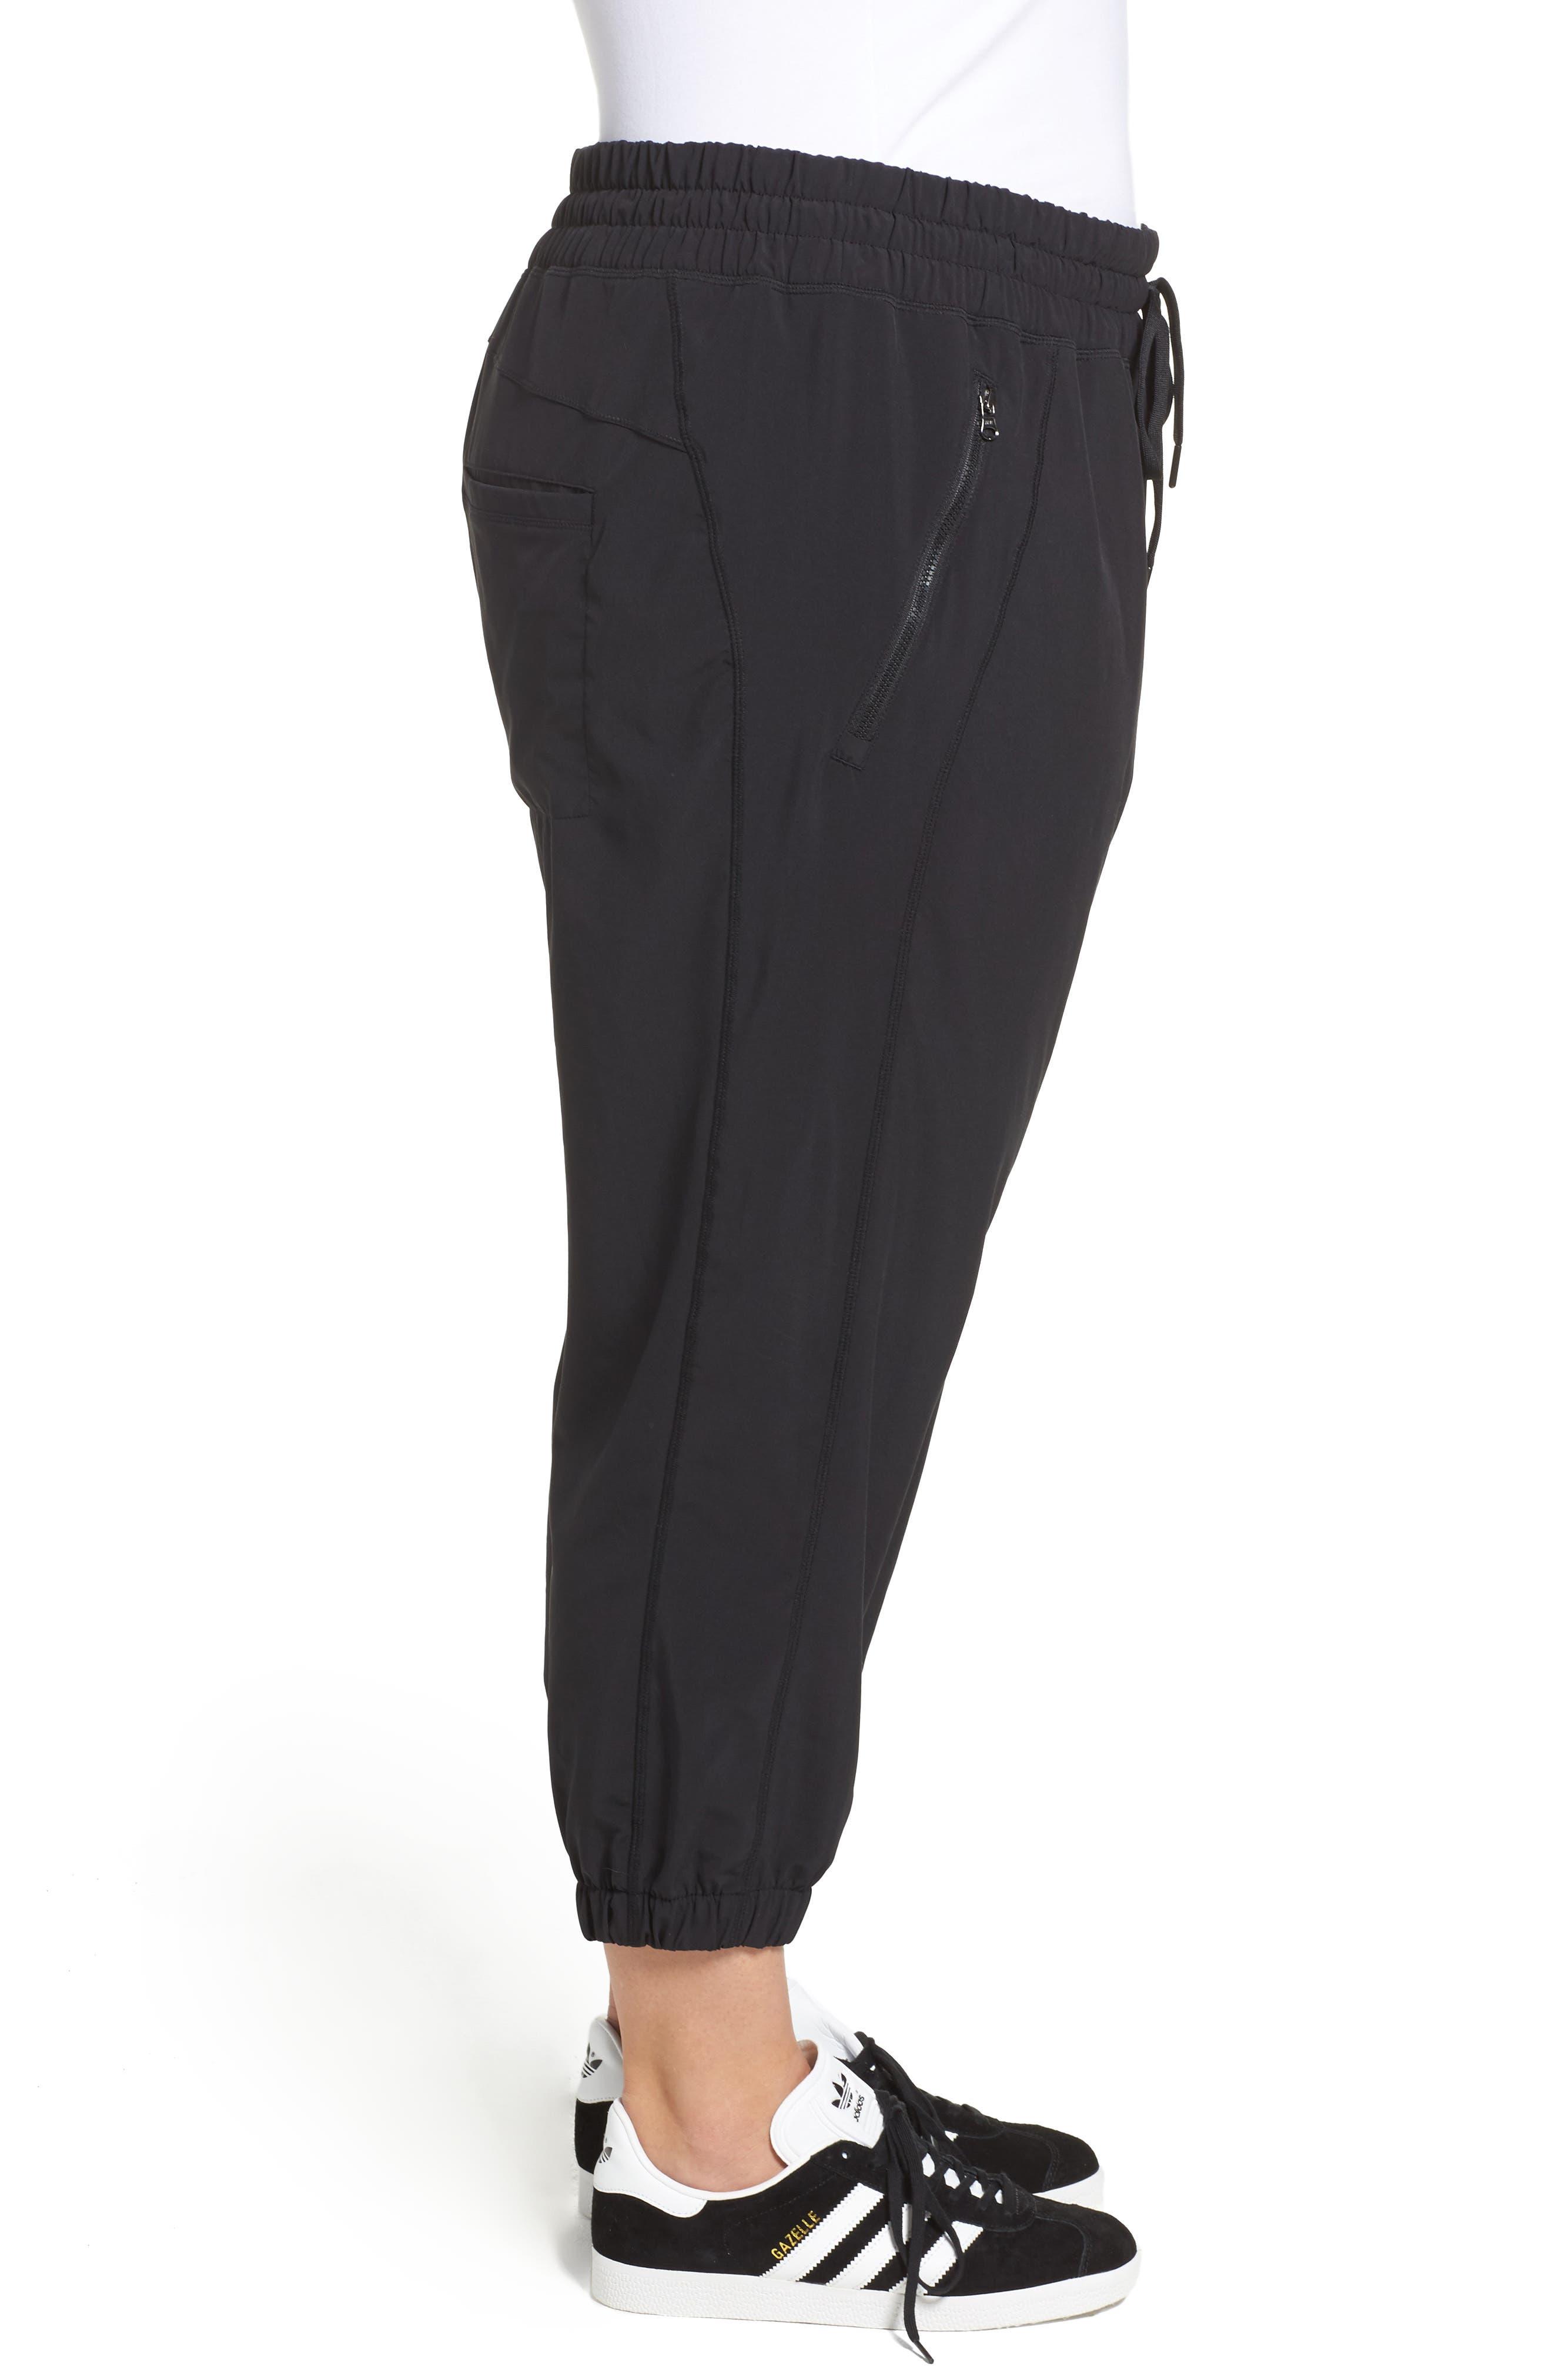 Out & About 2 Crop Pants,                             Alternate thumbnail 3, color,                             Black